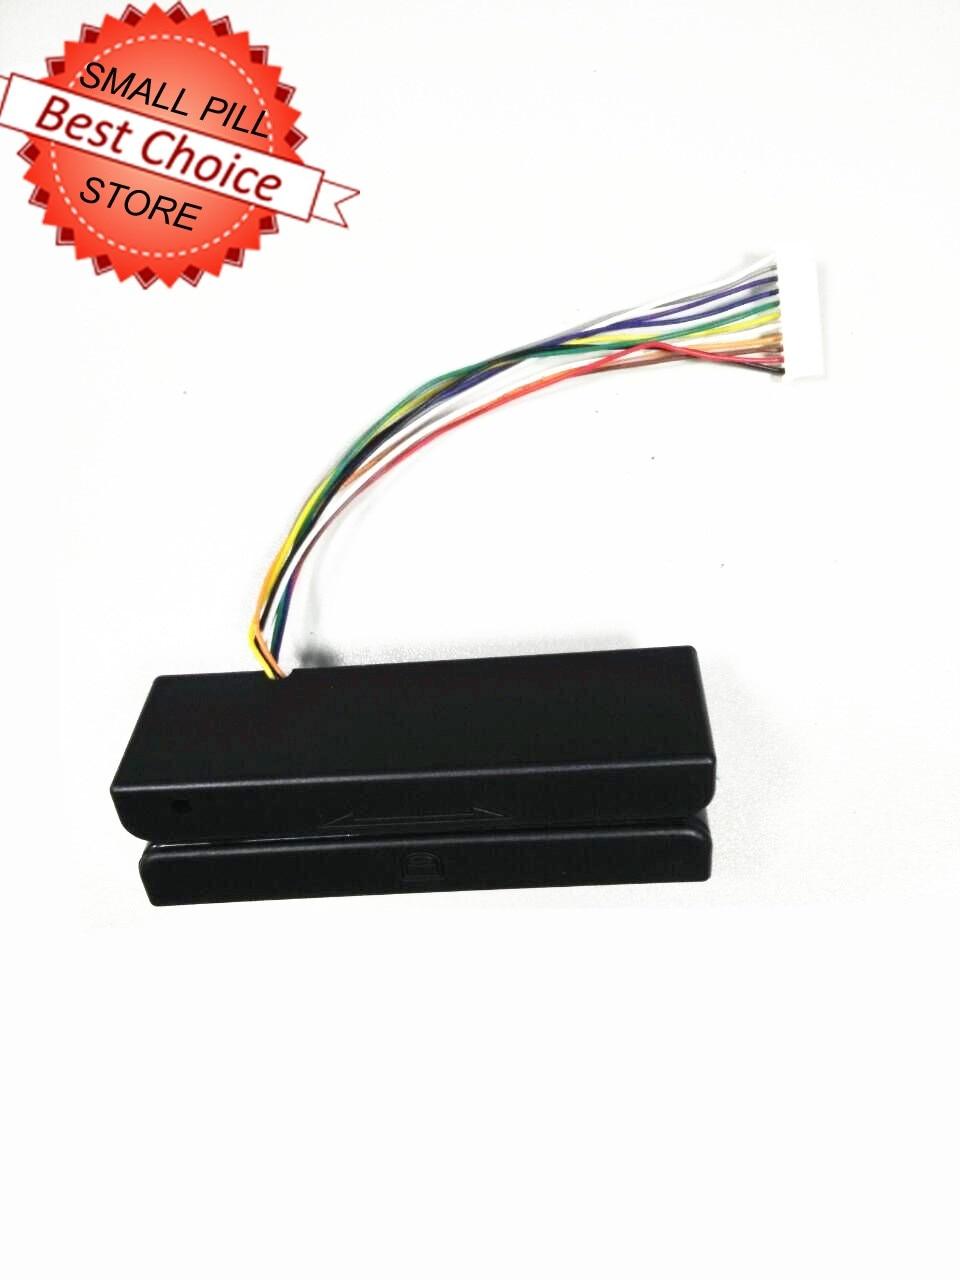 Mini Lettore di Carte a Banda Magnetica 3 Tracce RS232/PS2/USB/TTL pista 1 2 3Mini Lettore di Carte a Banda Magnetica 3 Tracce RS232/PS2/USB/TTL pista 1 2 3